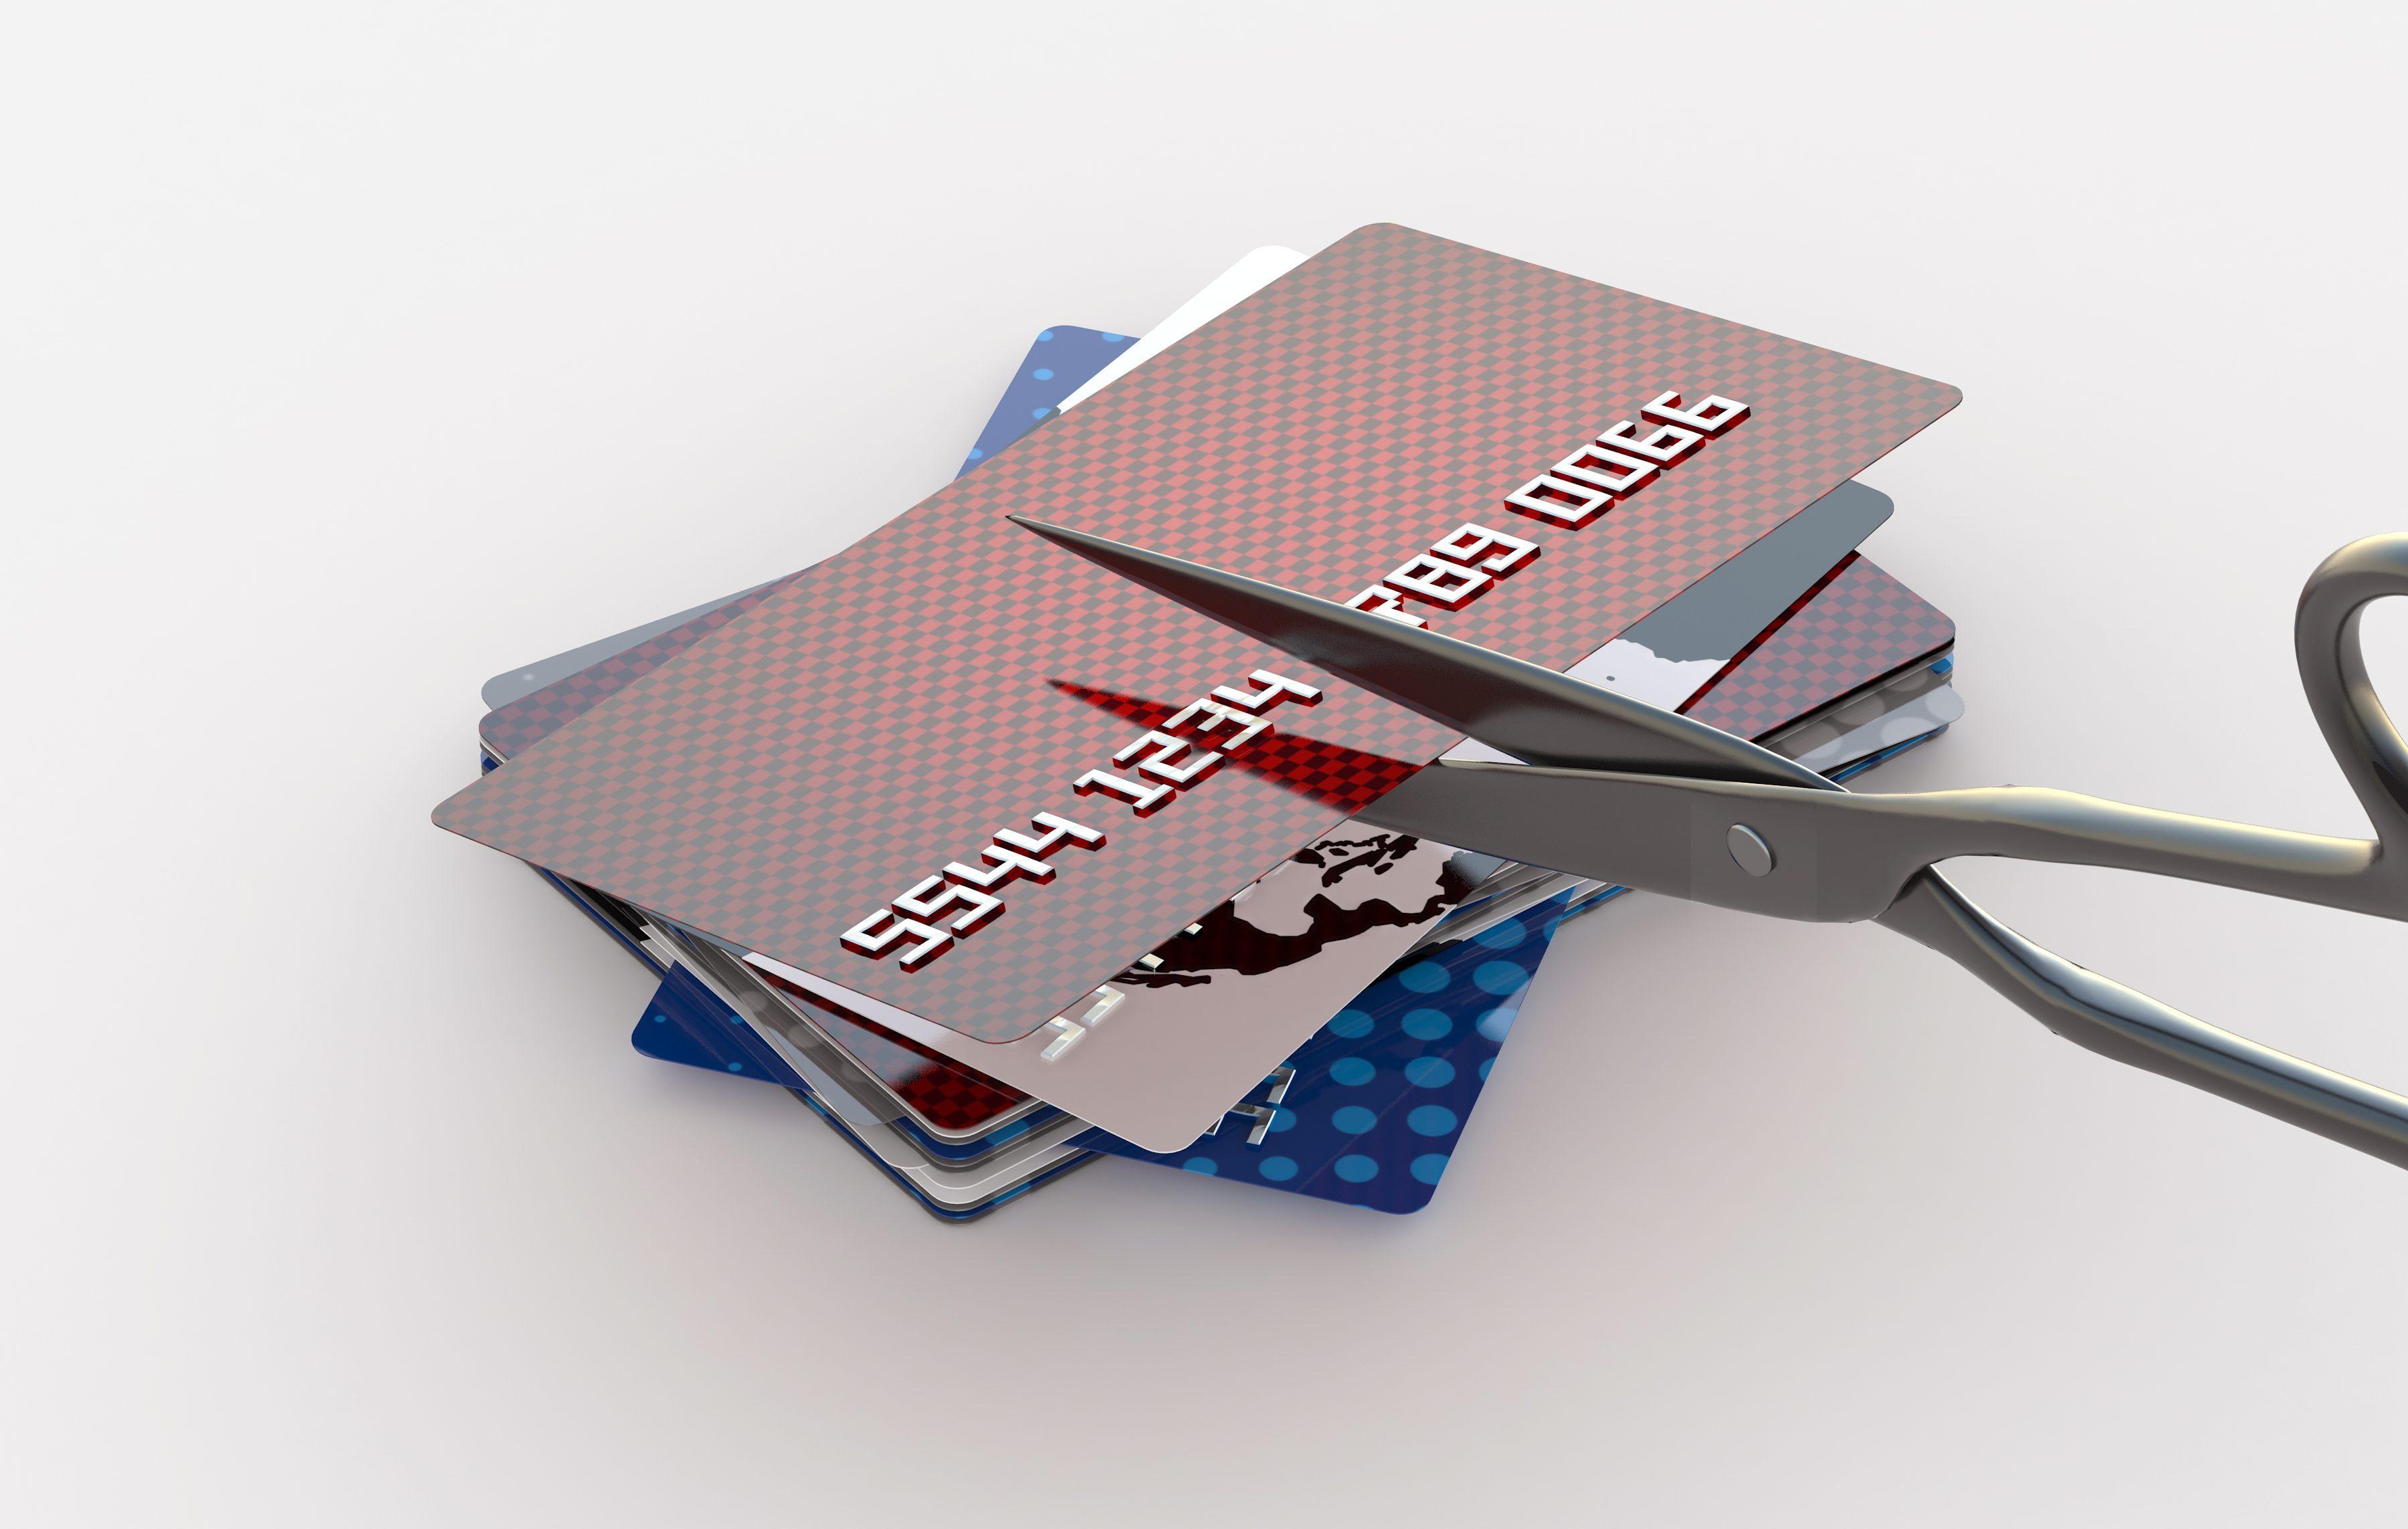 格安SIMの支払い方法はクレジットカードが主流